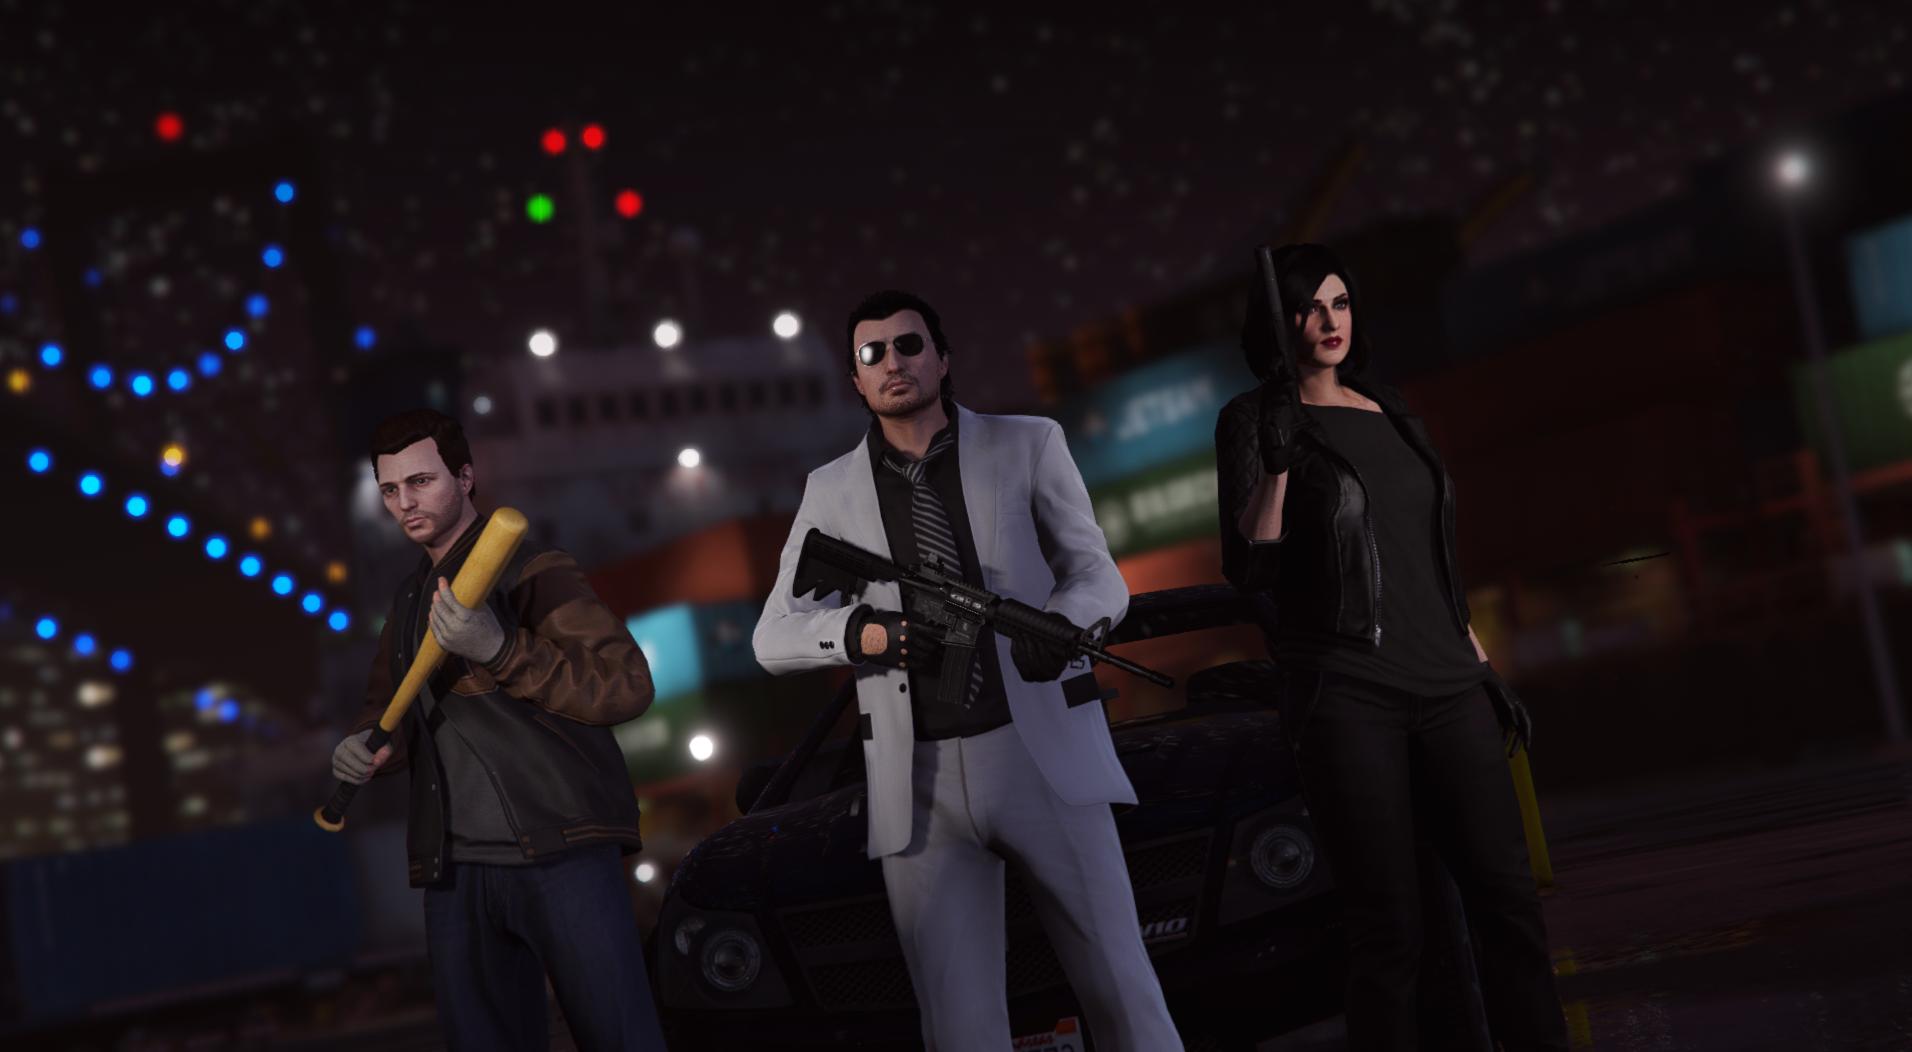 Grand_Theft_Auto_V_Screenshot_2020.07.24